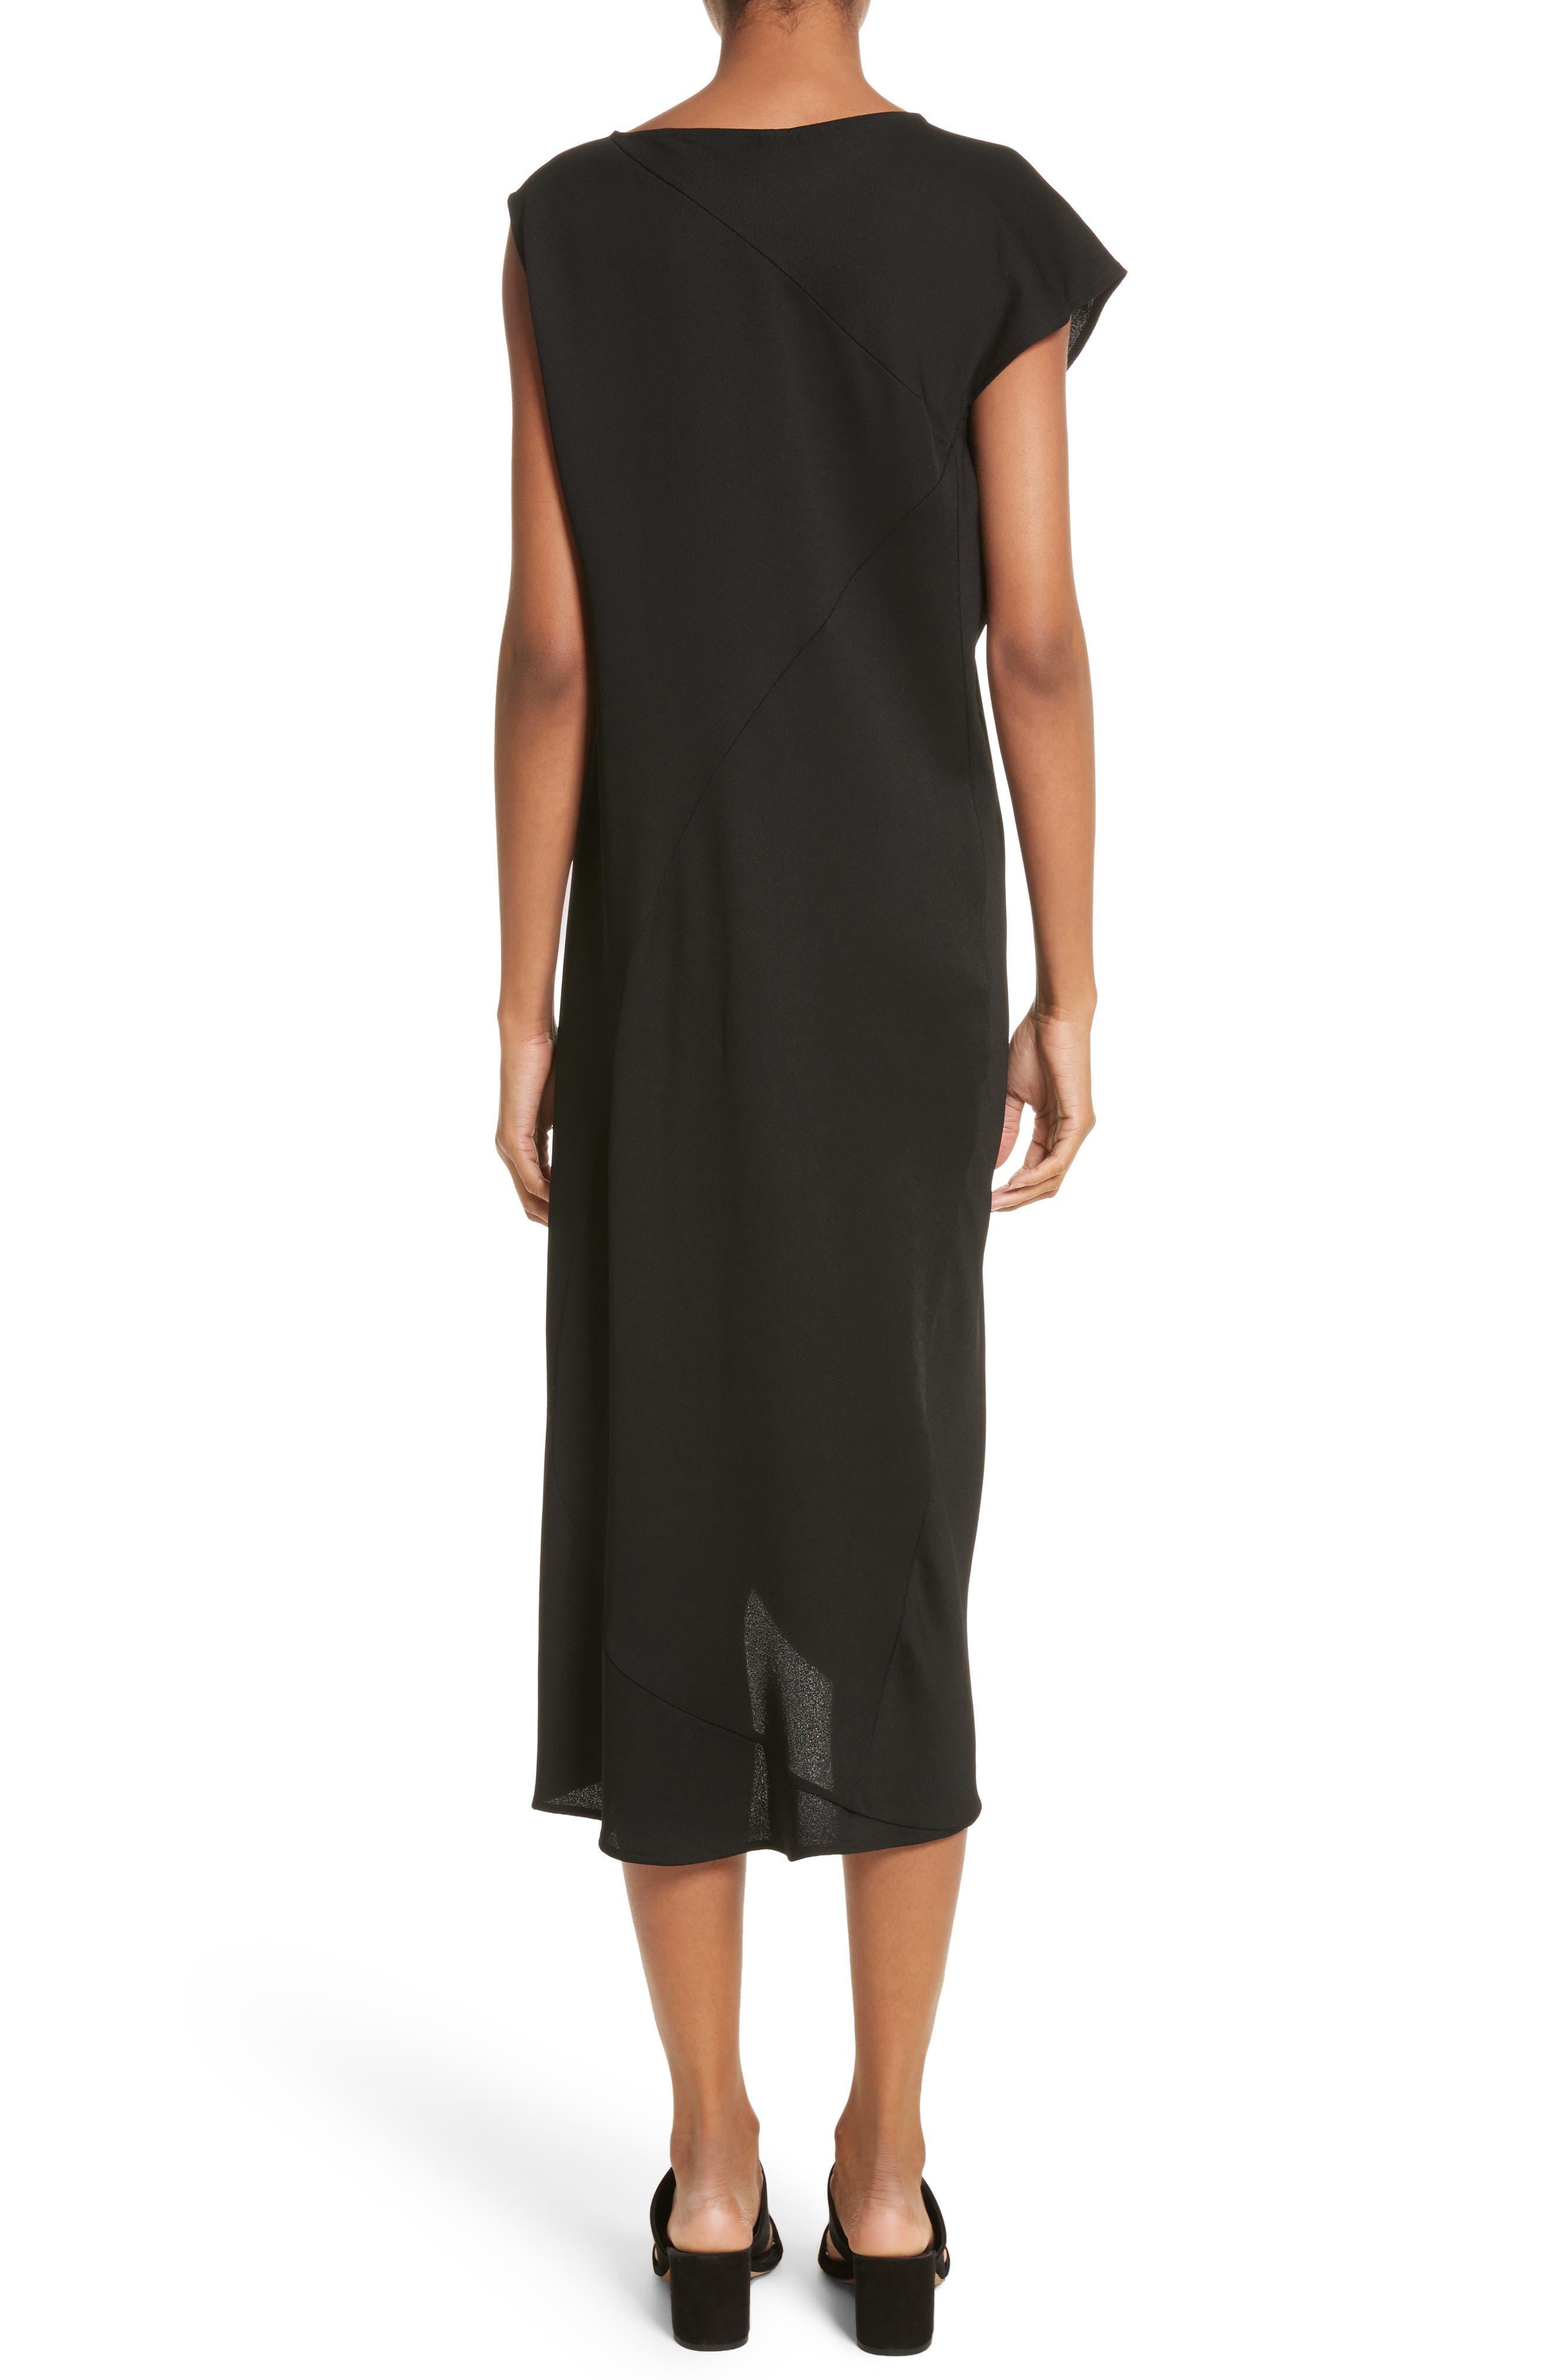 Tula Eco Drape Dress,                             Alternate thumbnail 2, color,                             001